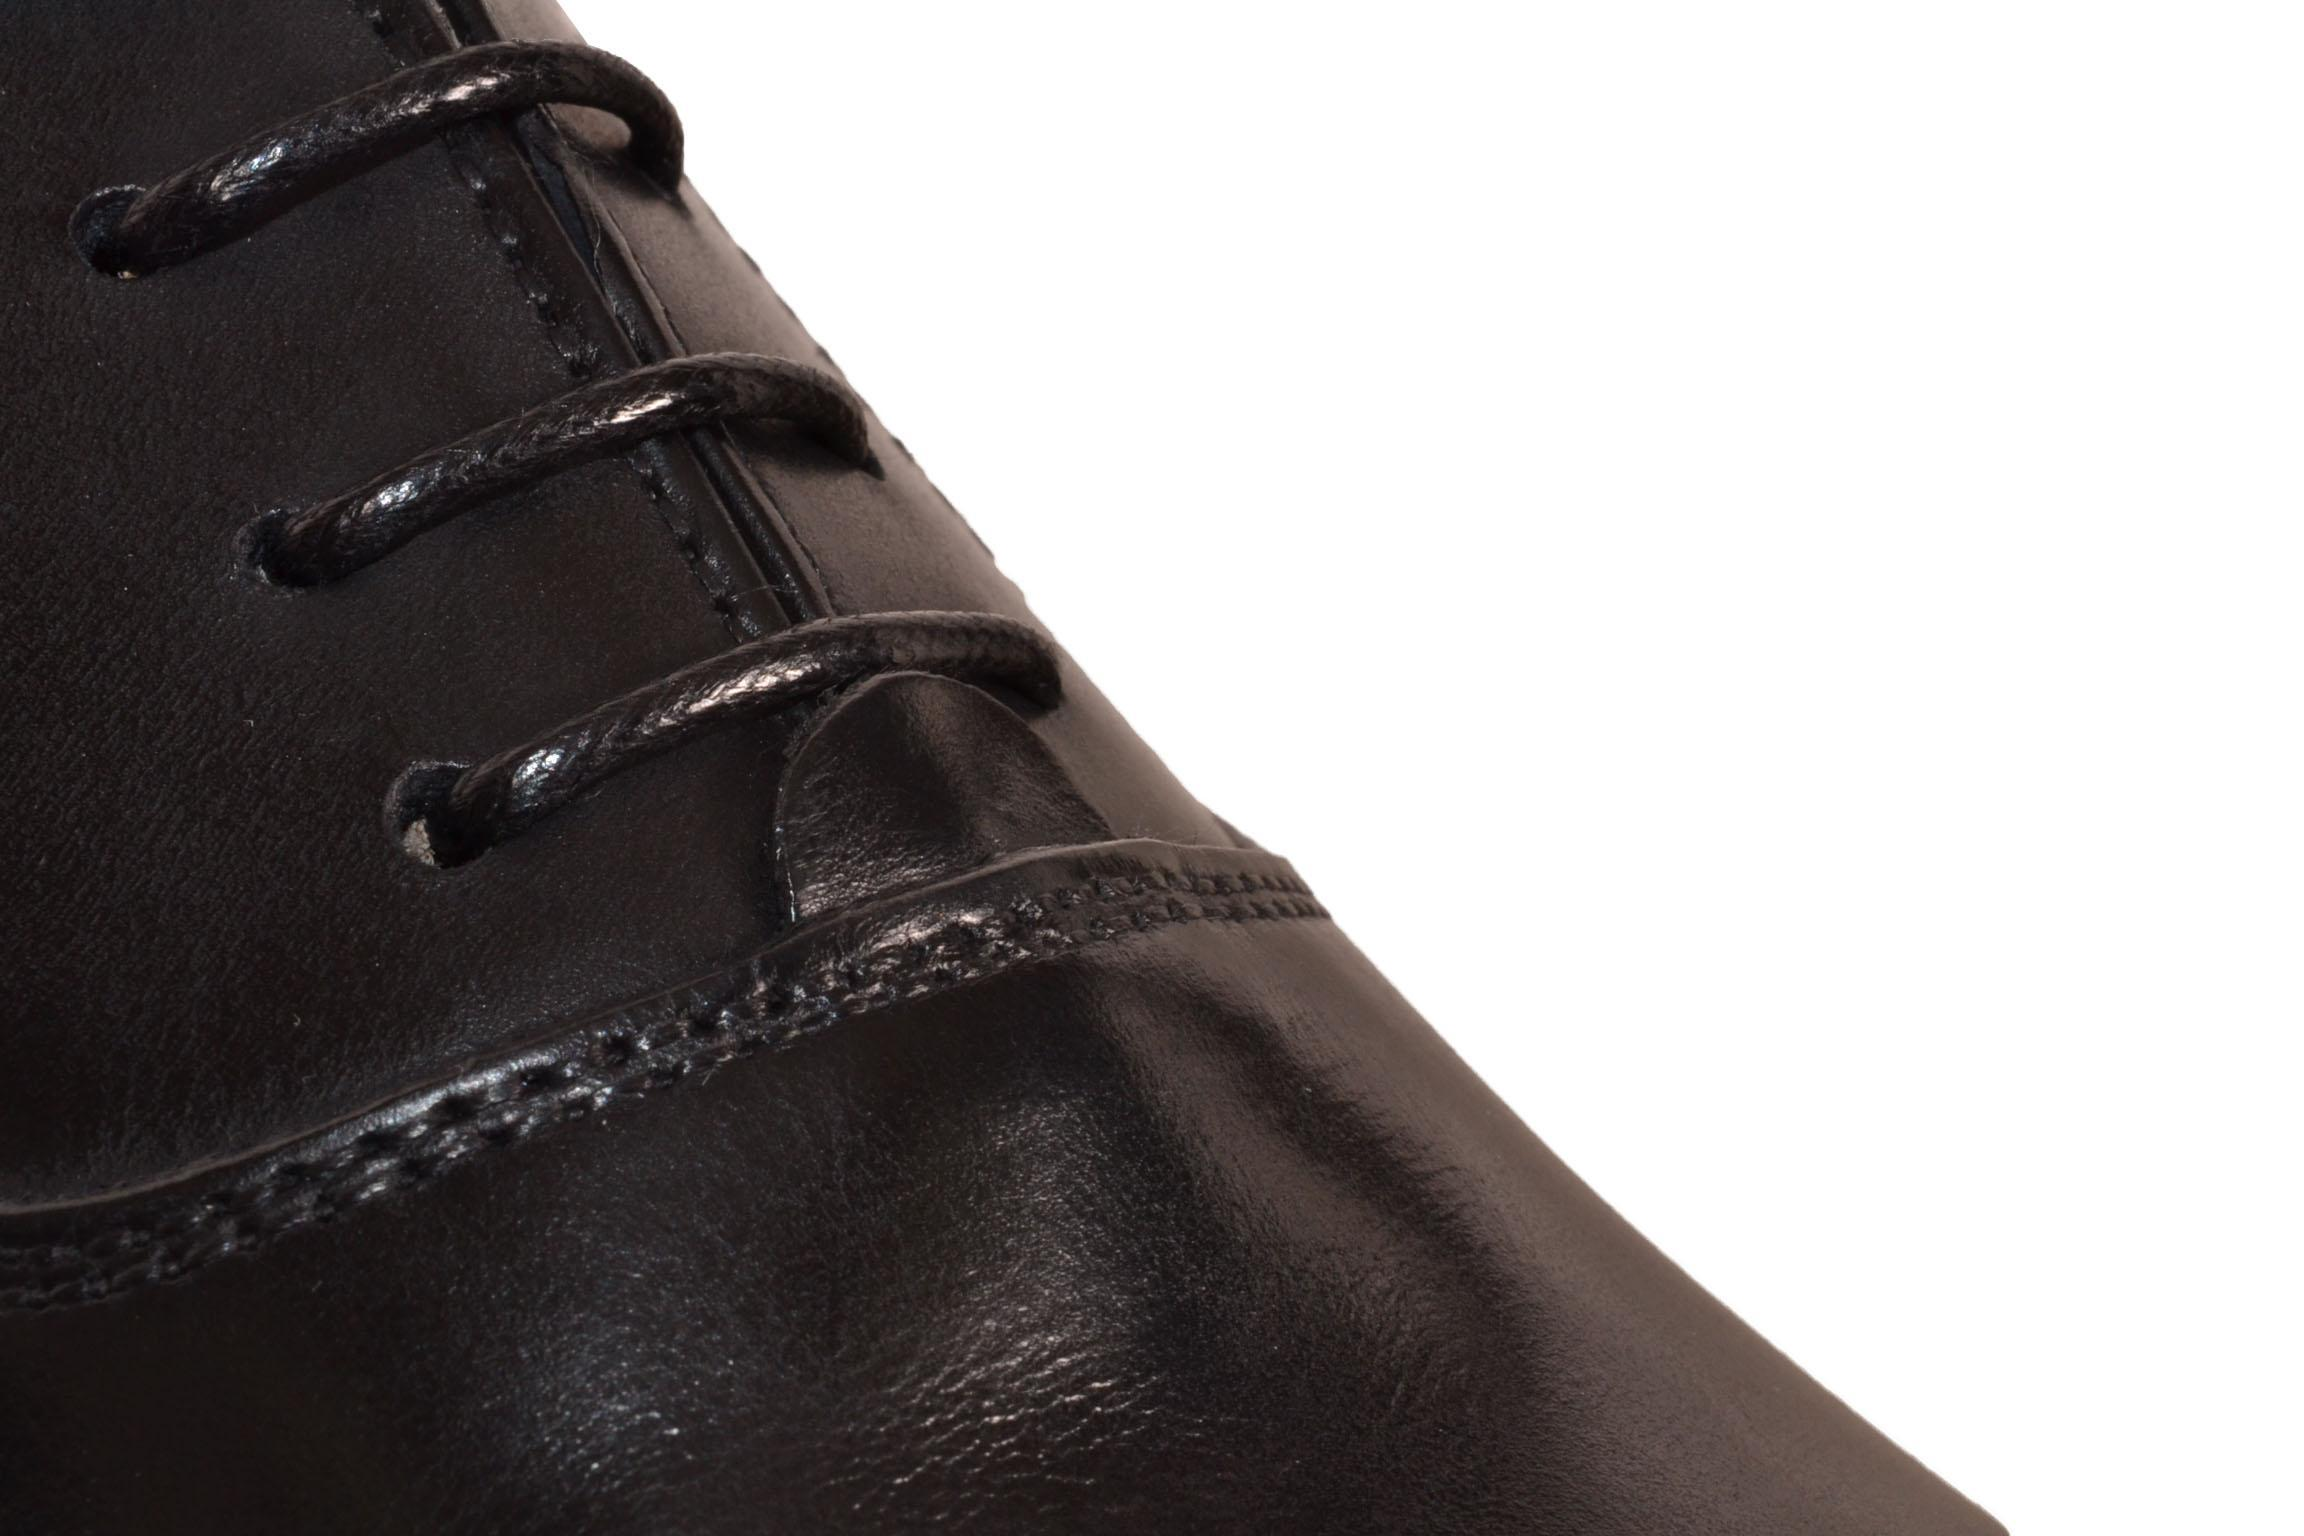 scarpe-cesare-augusto-uomo-cesare-augusto-cod-234vitelloalberto